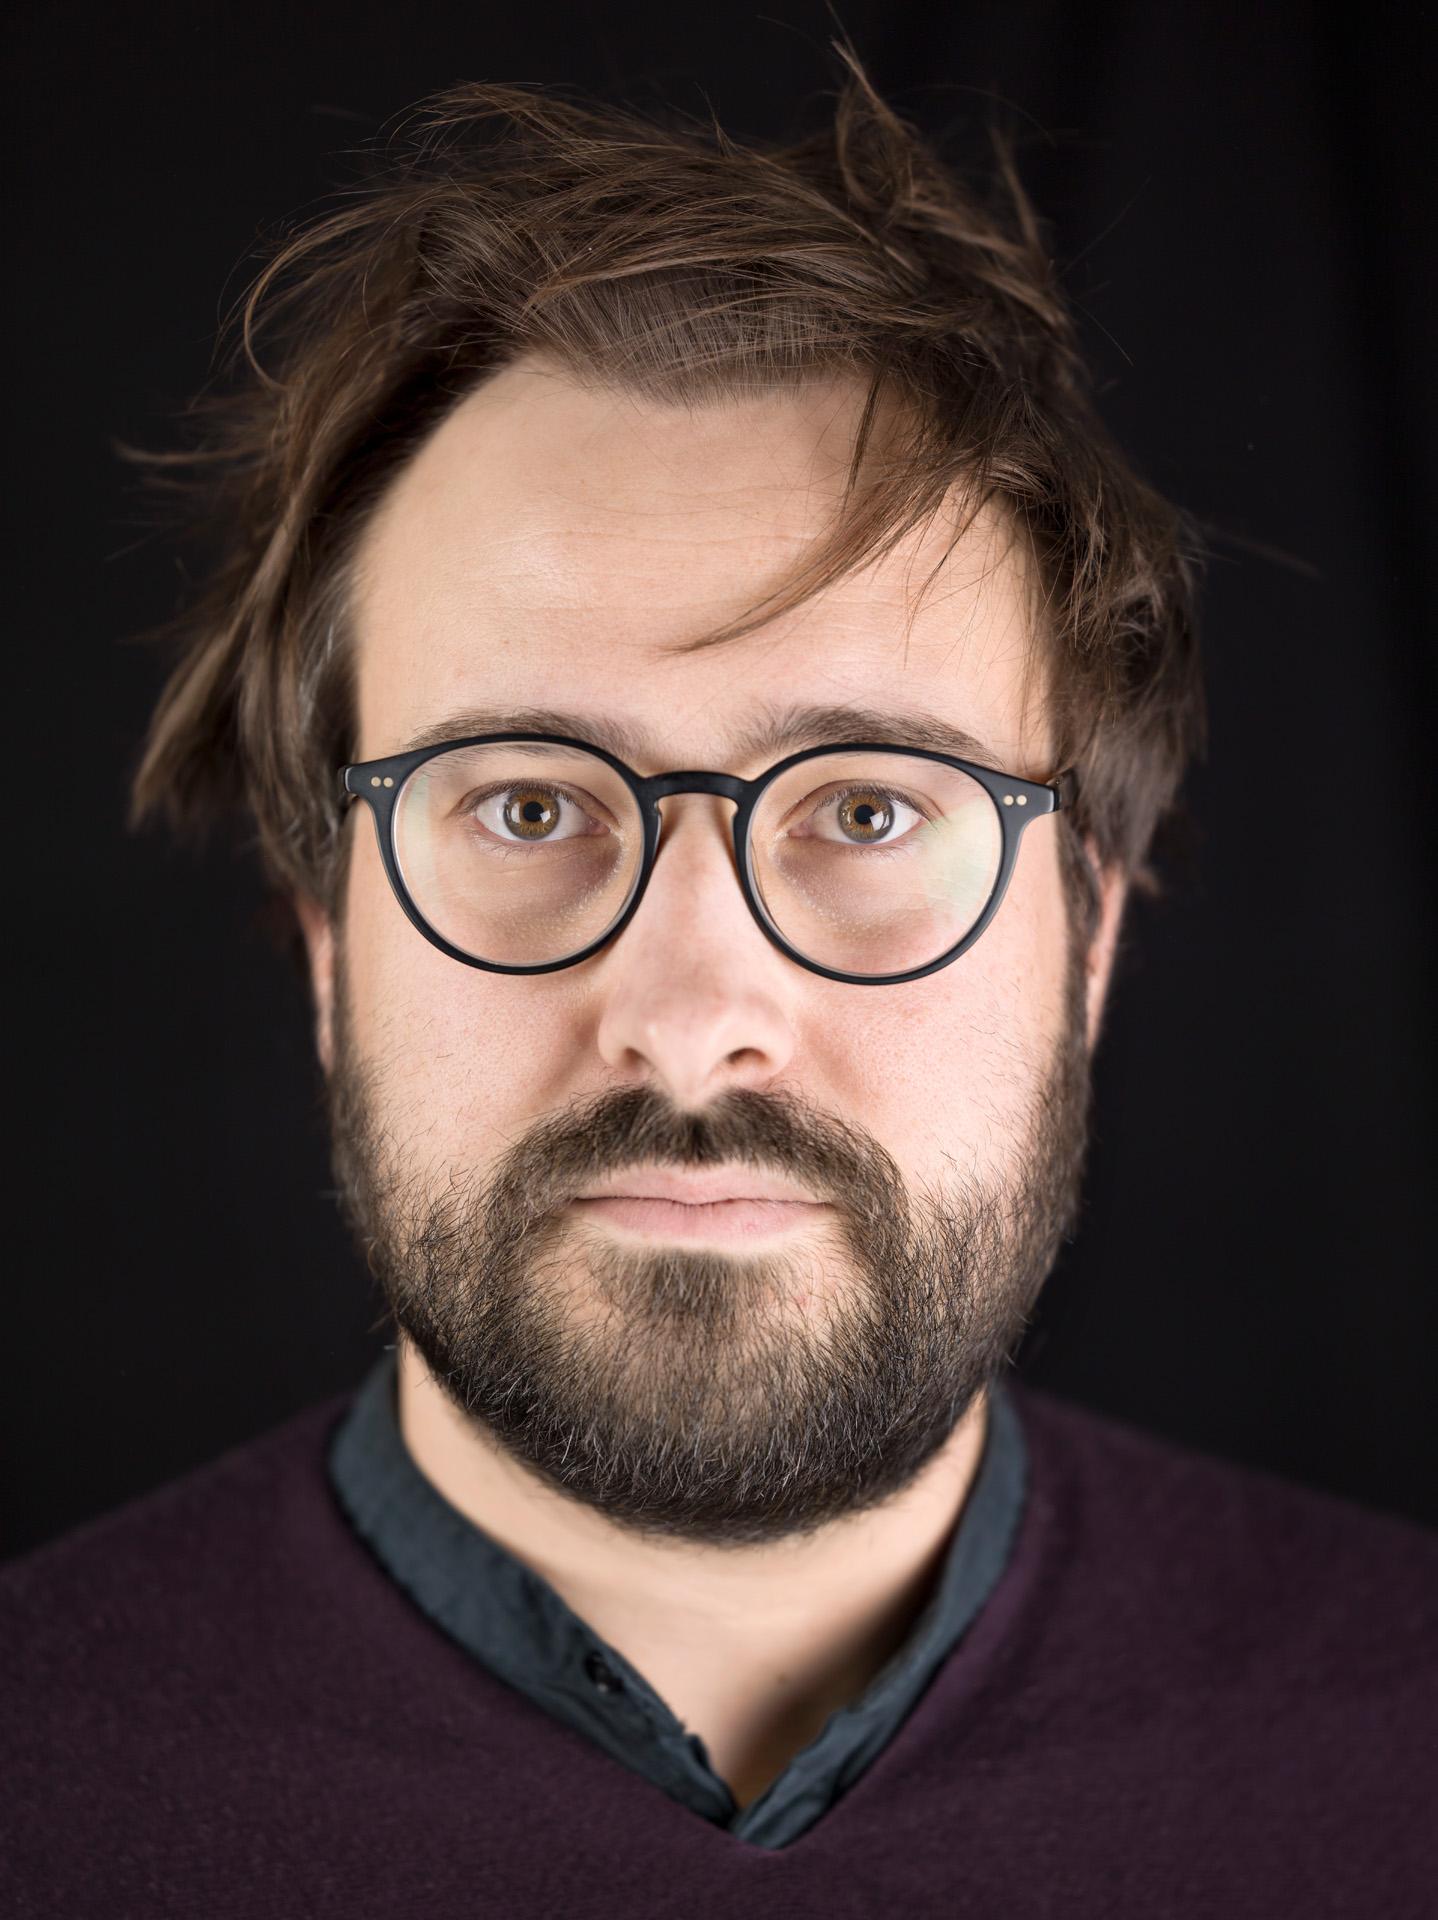 Porträtfotografie: Fotograf Caspar Sessler vor schwarzem Hintergrund